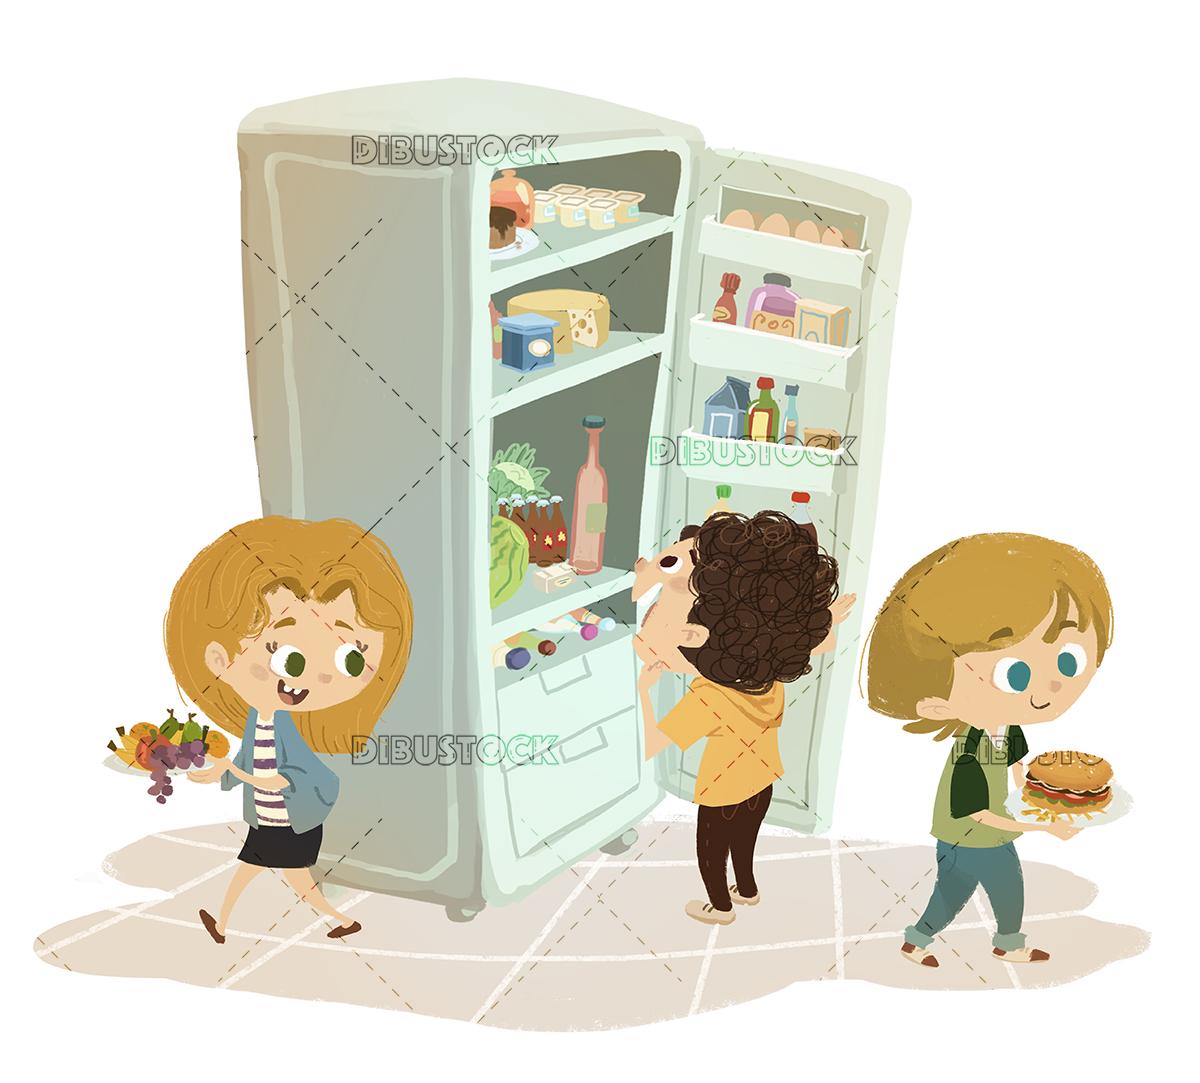 Children taking food from the fridge